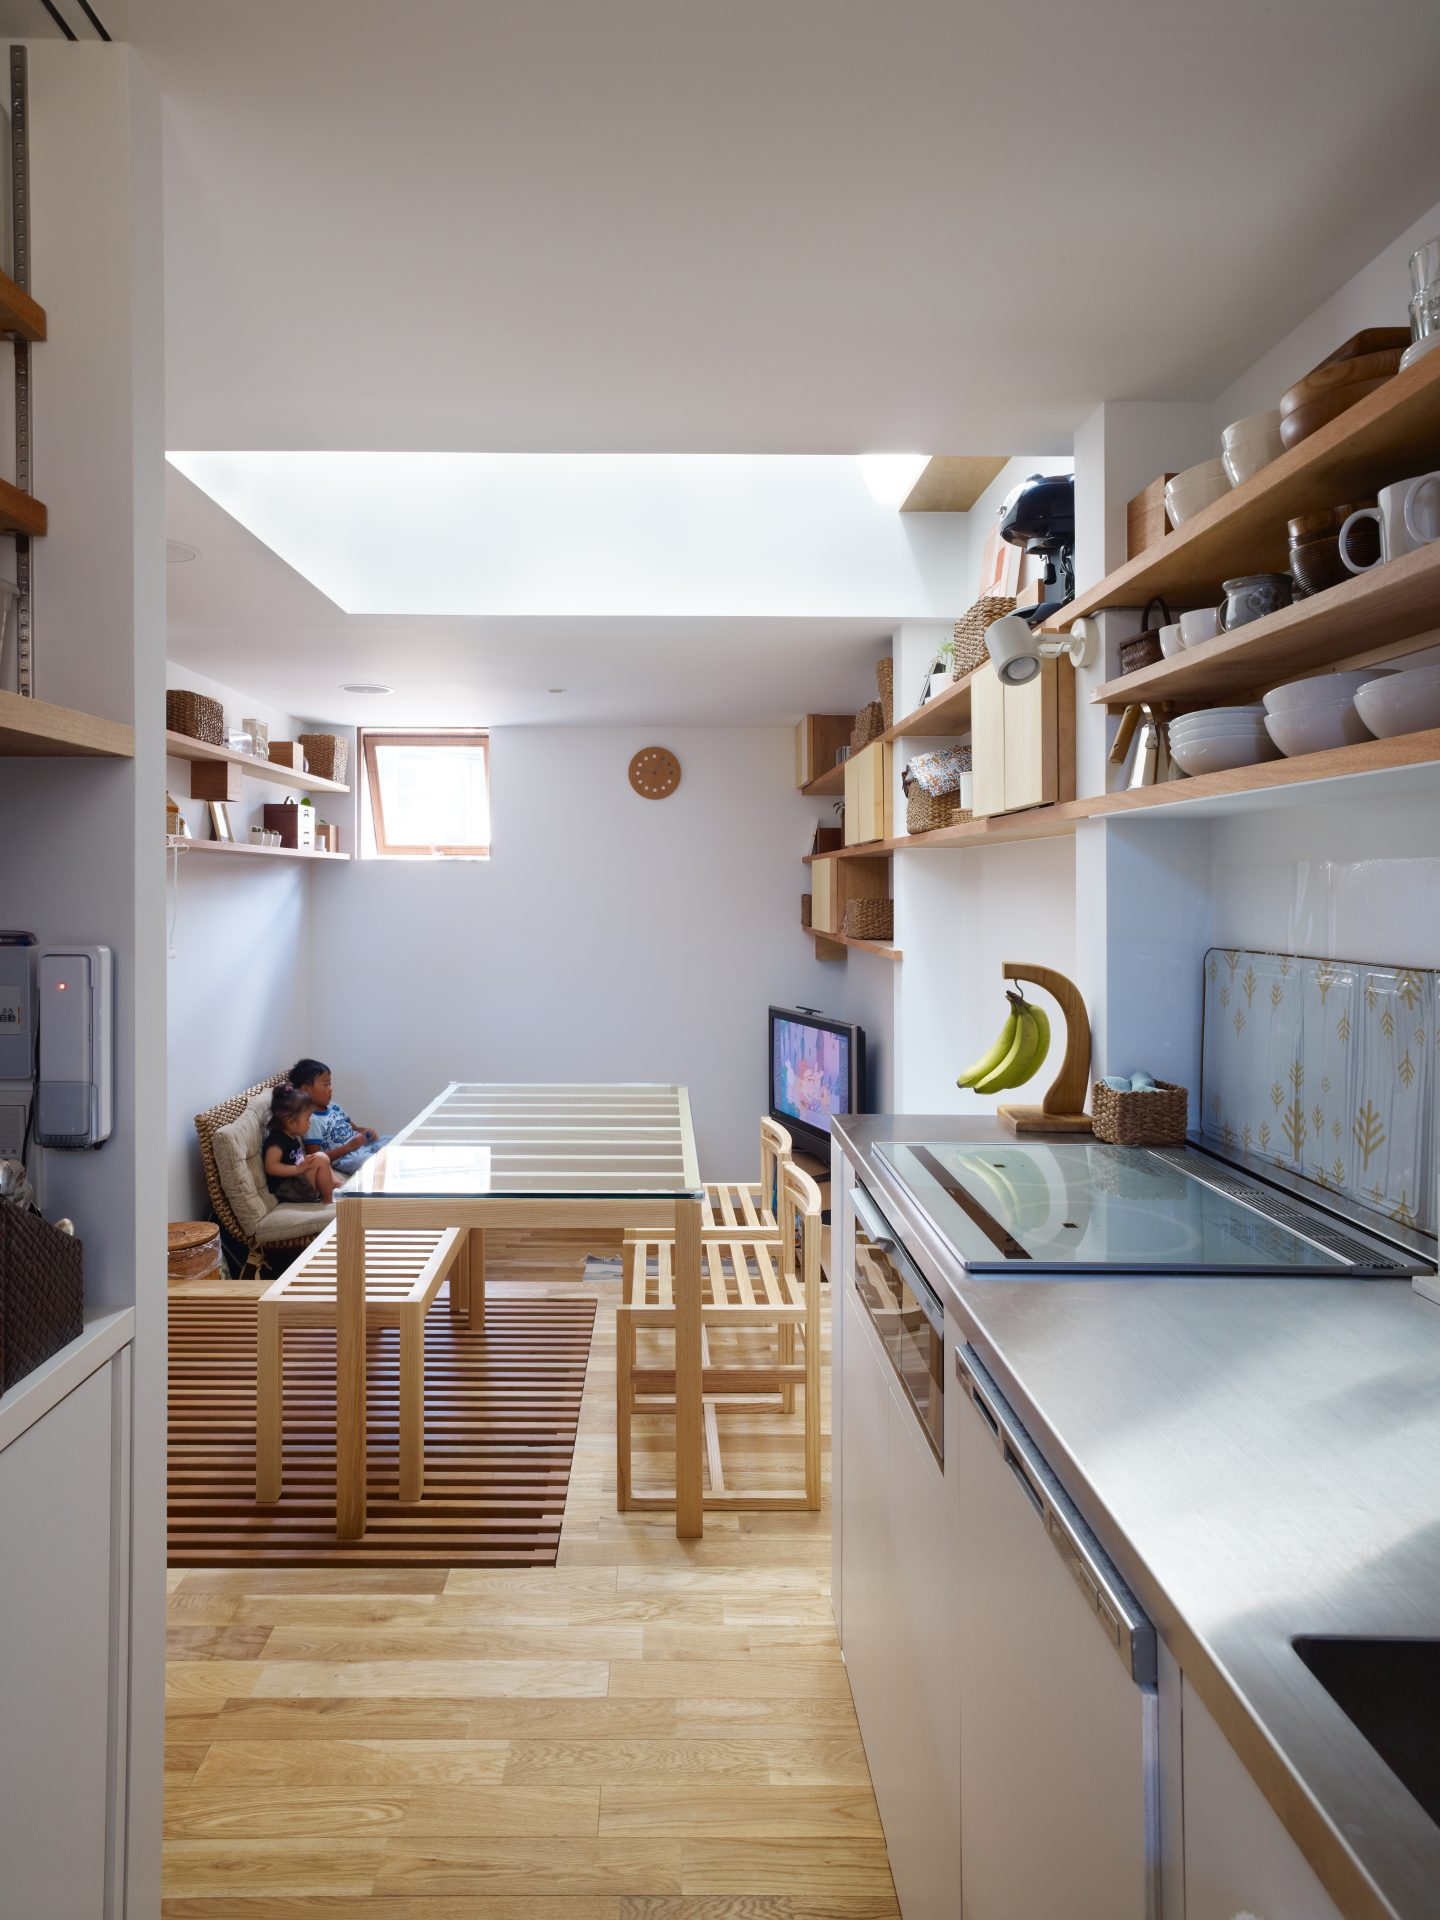 兵庫神戸の小さな家のキッチン01